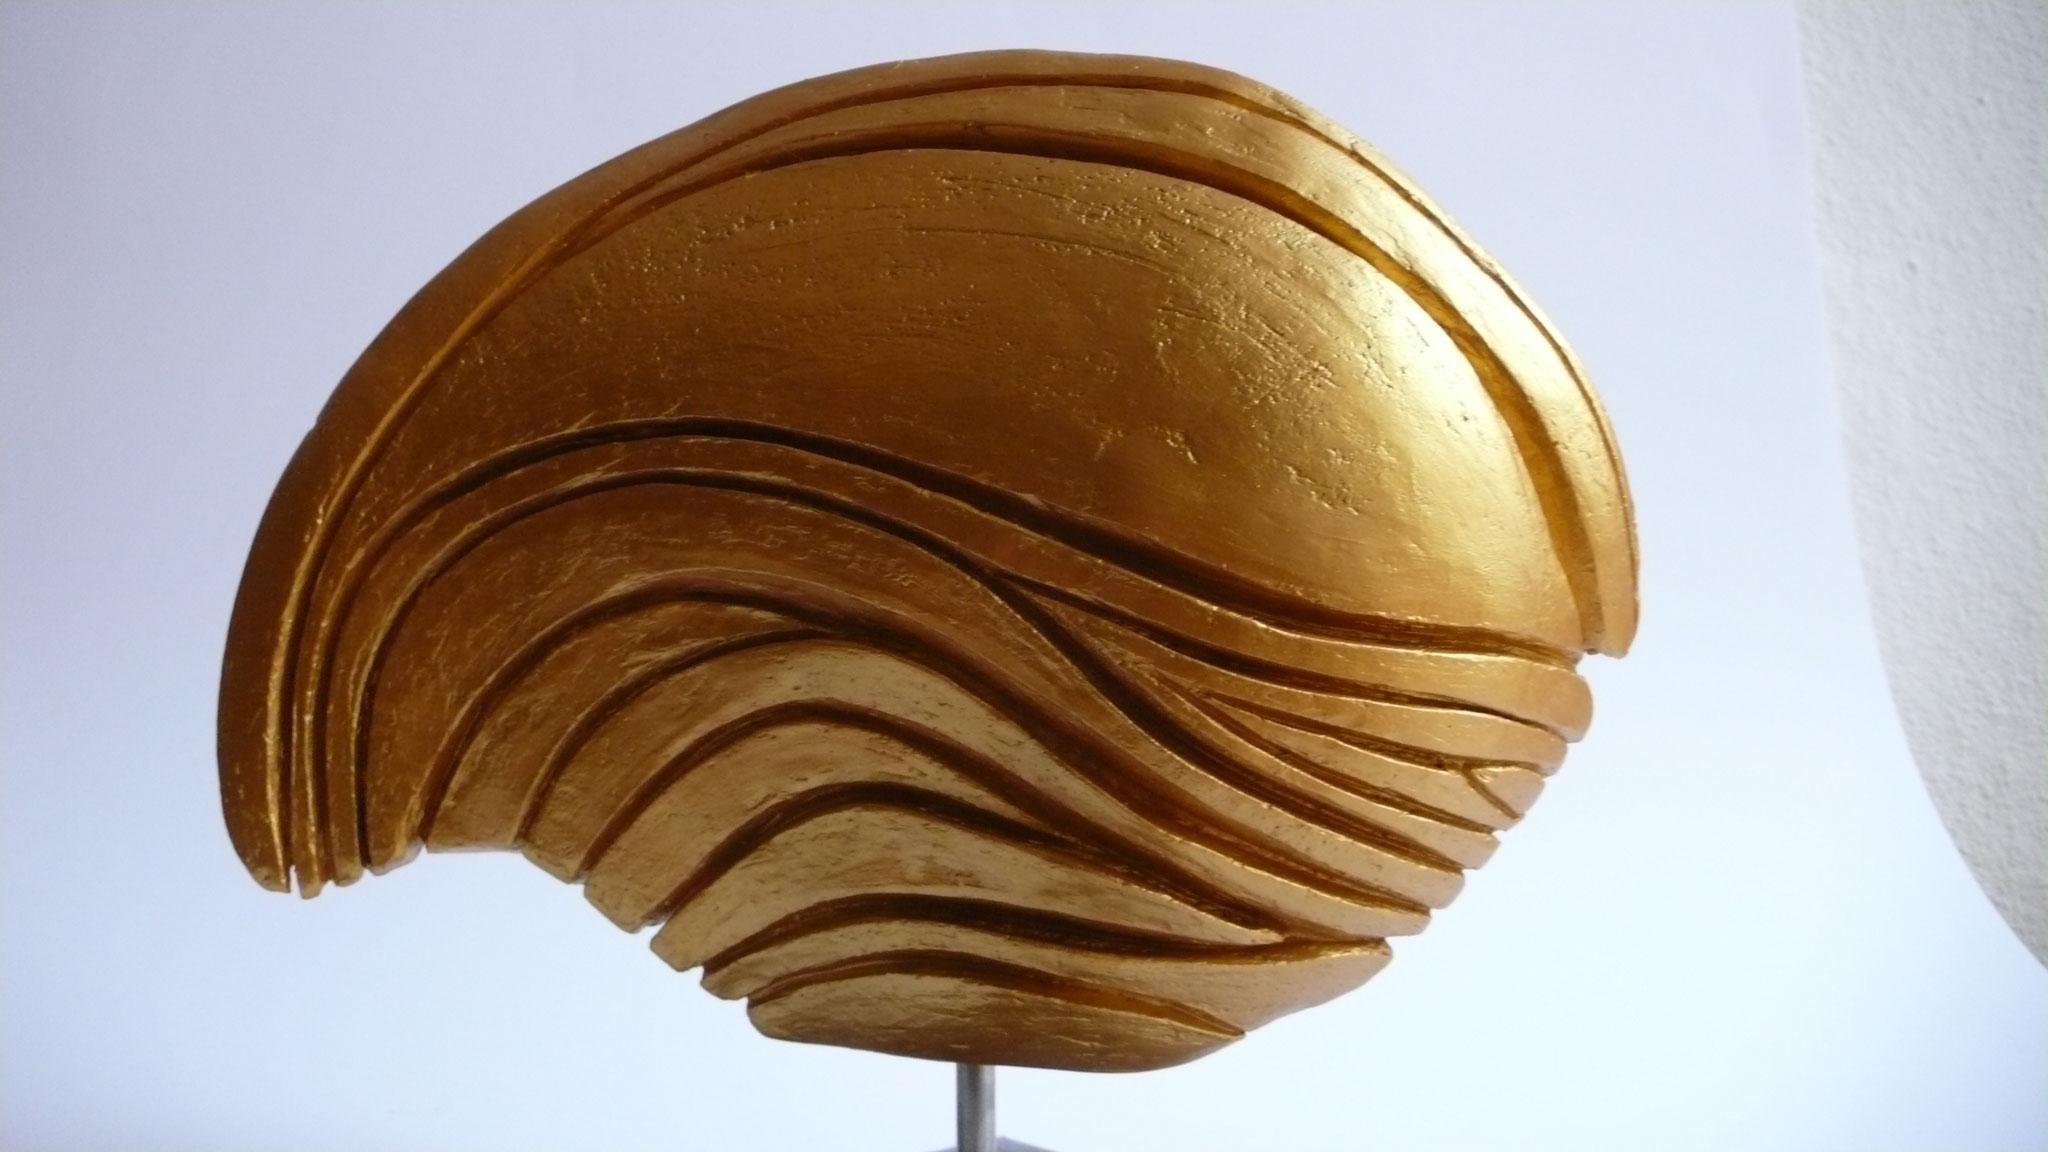 7.12., Skulptur von Brigitte Trompke, Berlin-Friedenau, A25